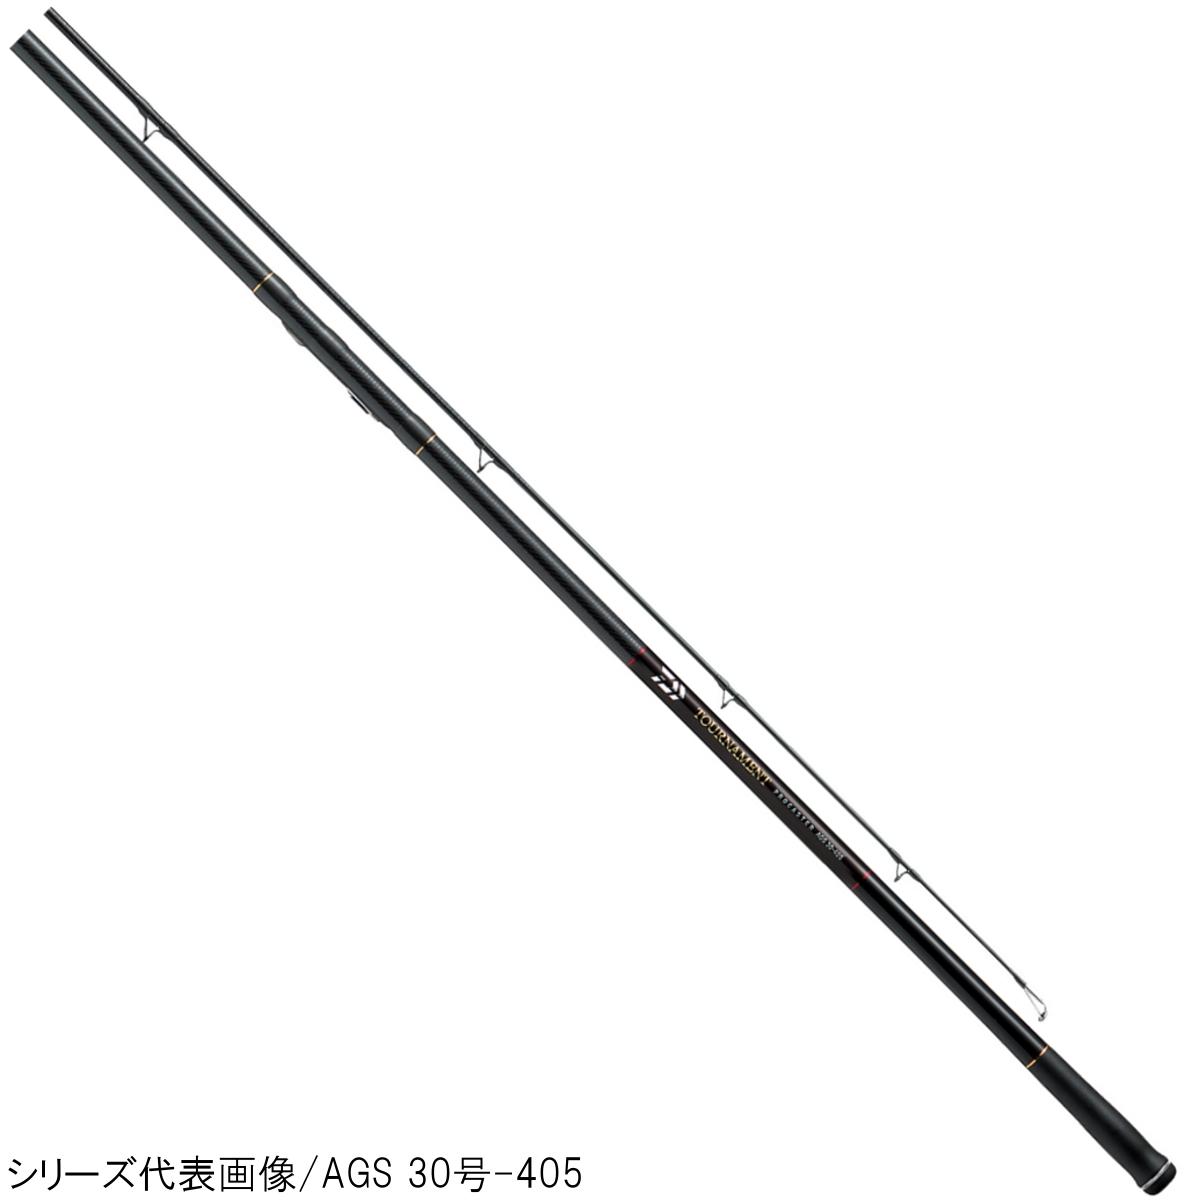 トーナメント プロキャスター AGS 25号-405 ダイワ【大型商品】【同梱不可】